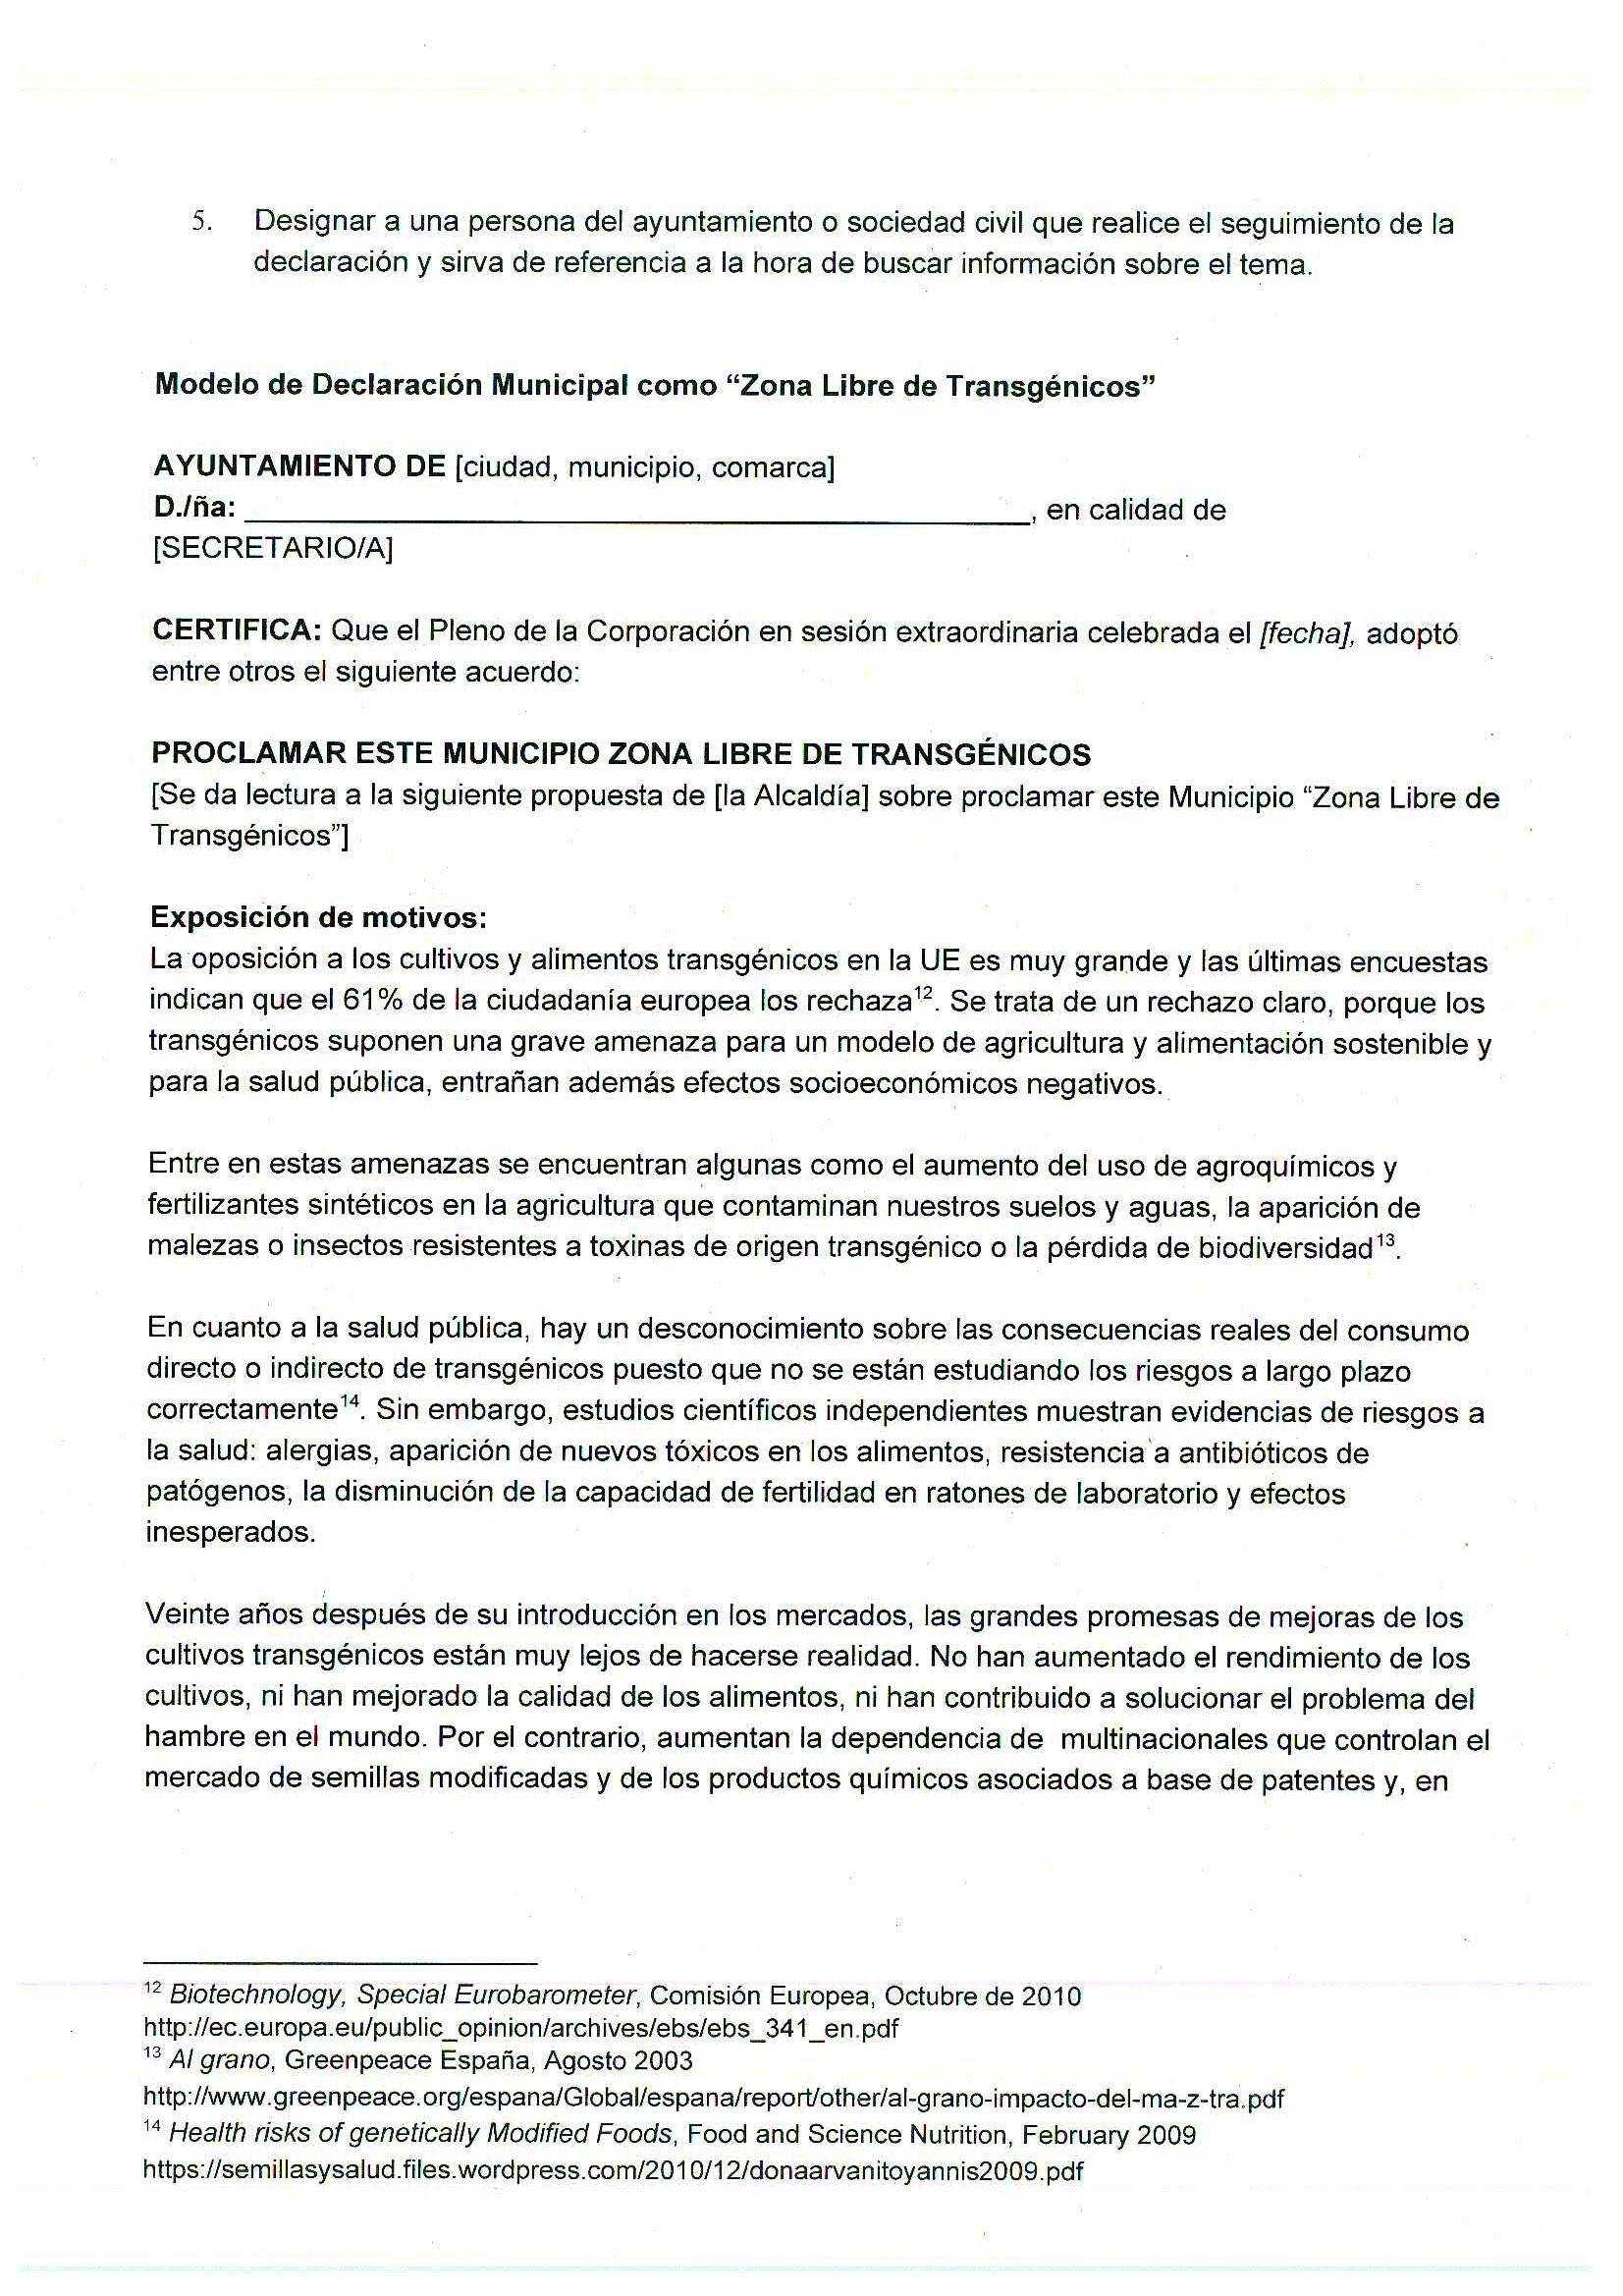 Aldeire.-Carta-ZLT%2c-glifosato-y-compra-publica-ecologica-0005